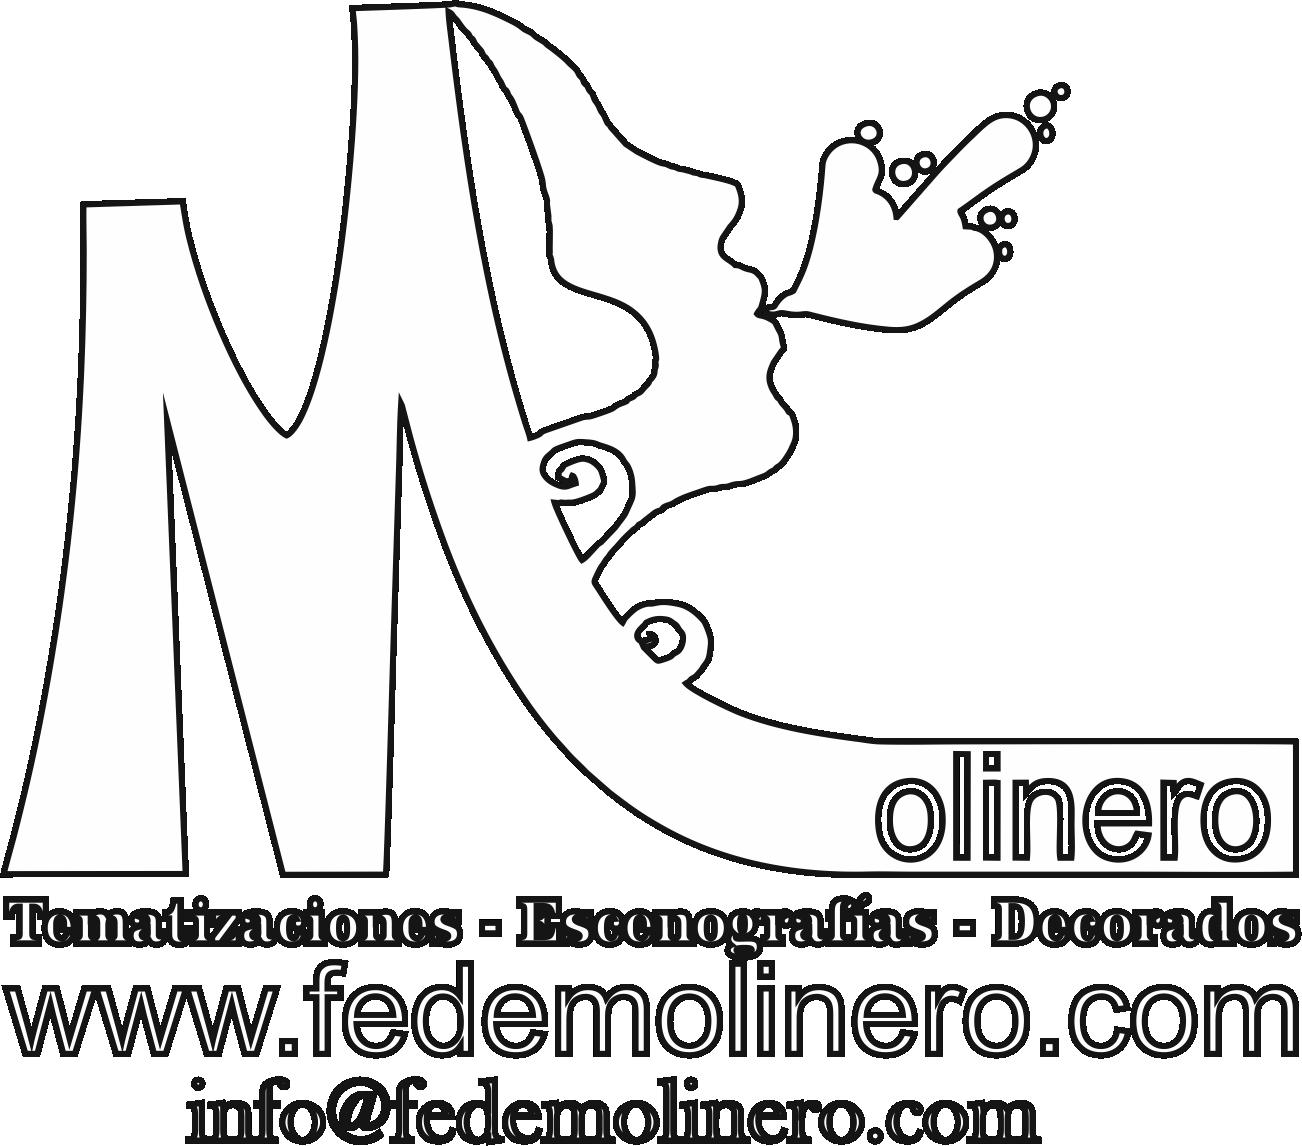 Fede Molinero